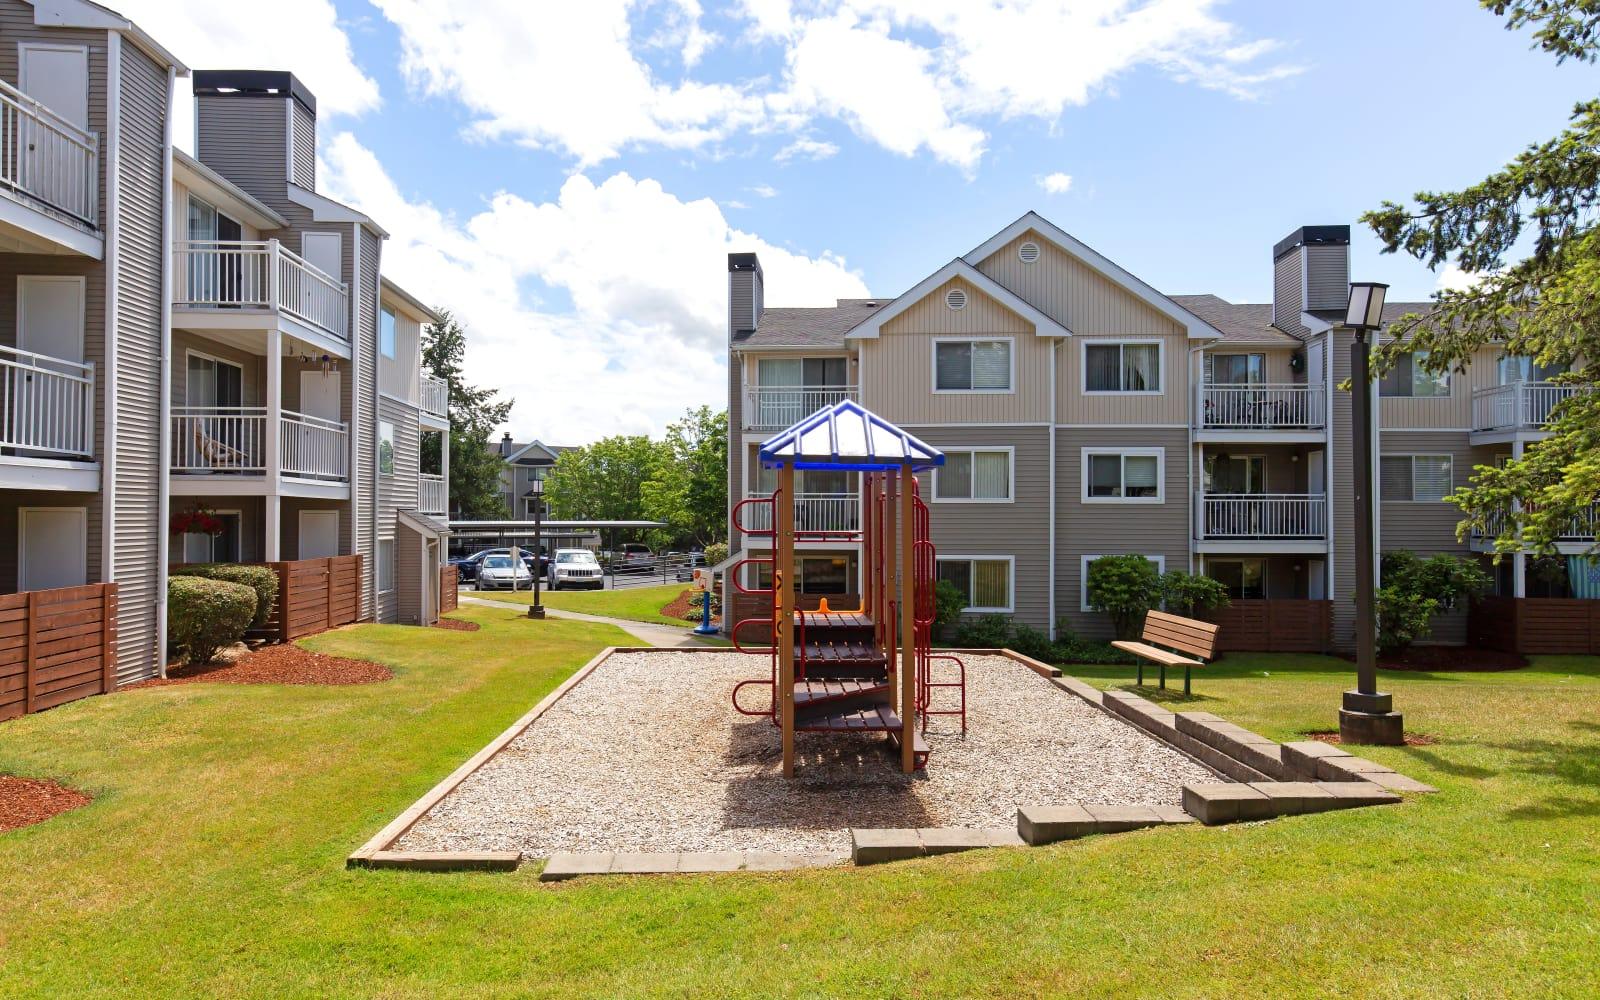 Playground at Alaire Apartments in Renton, Washington